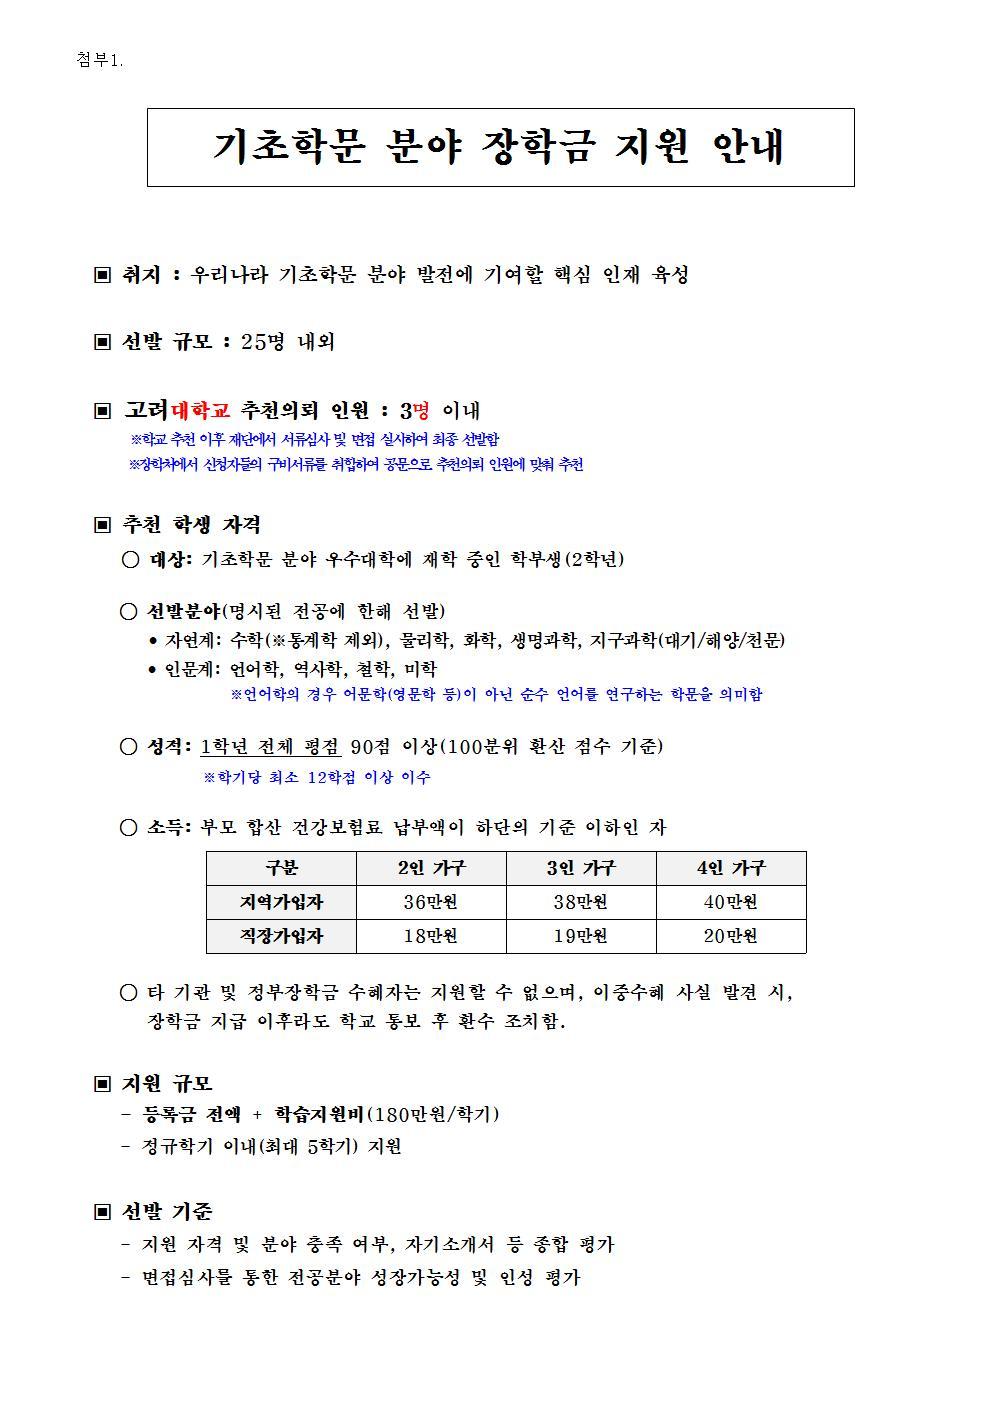 [안내문] 2017년 기초학문 대학생 장학금 지원 안내문(학생 공지용) (1)001.jpg